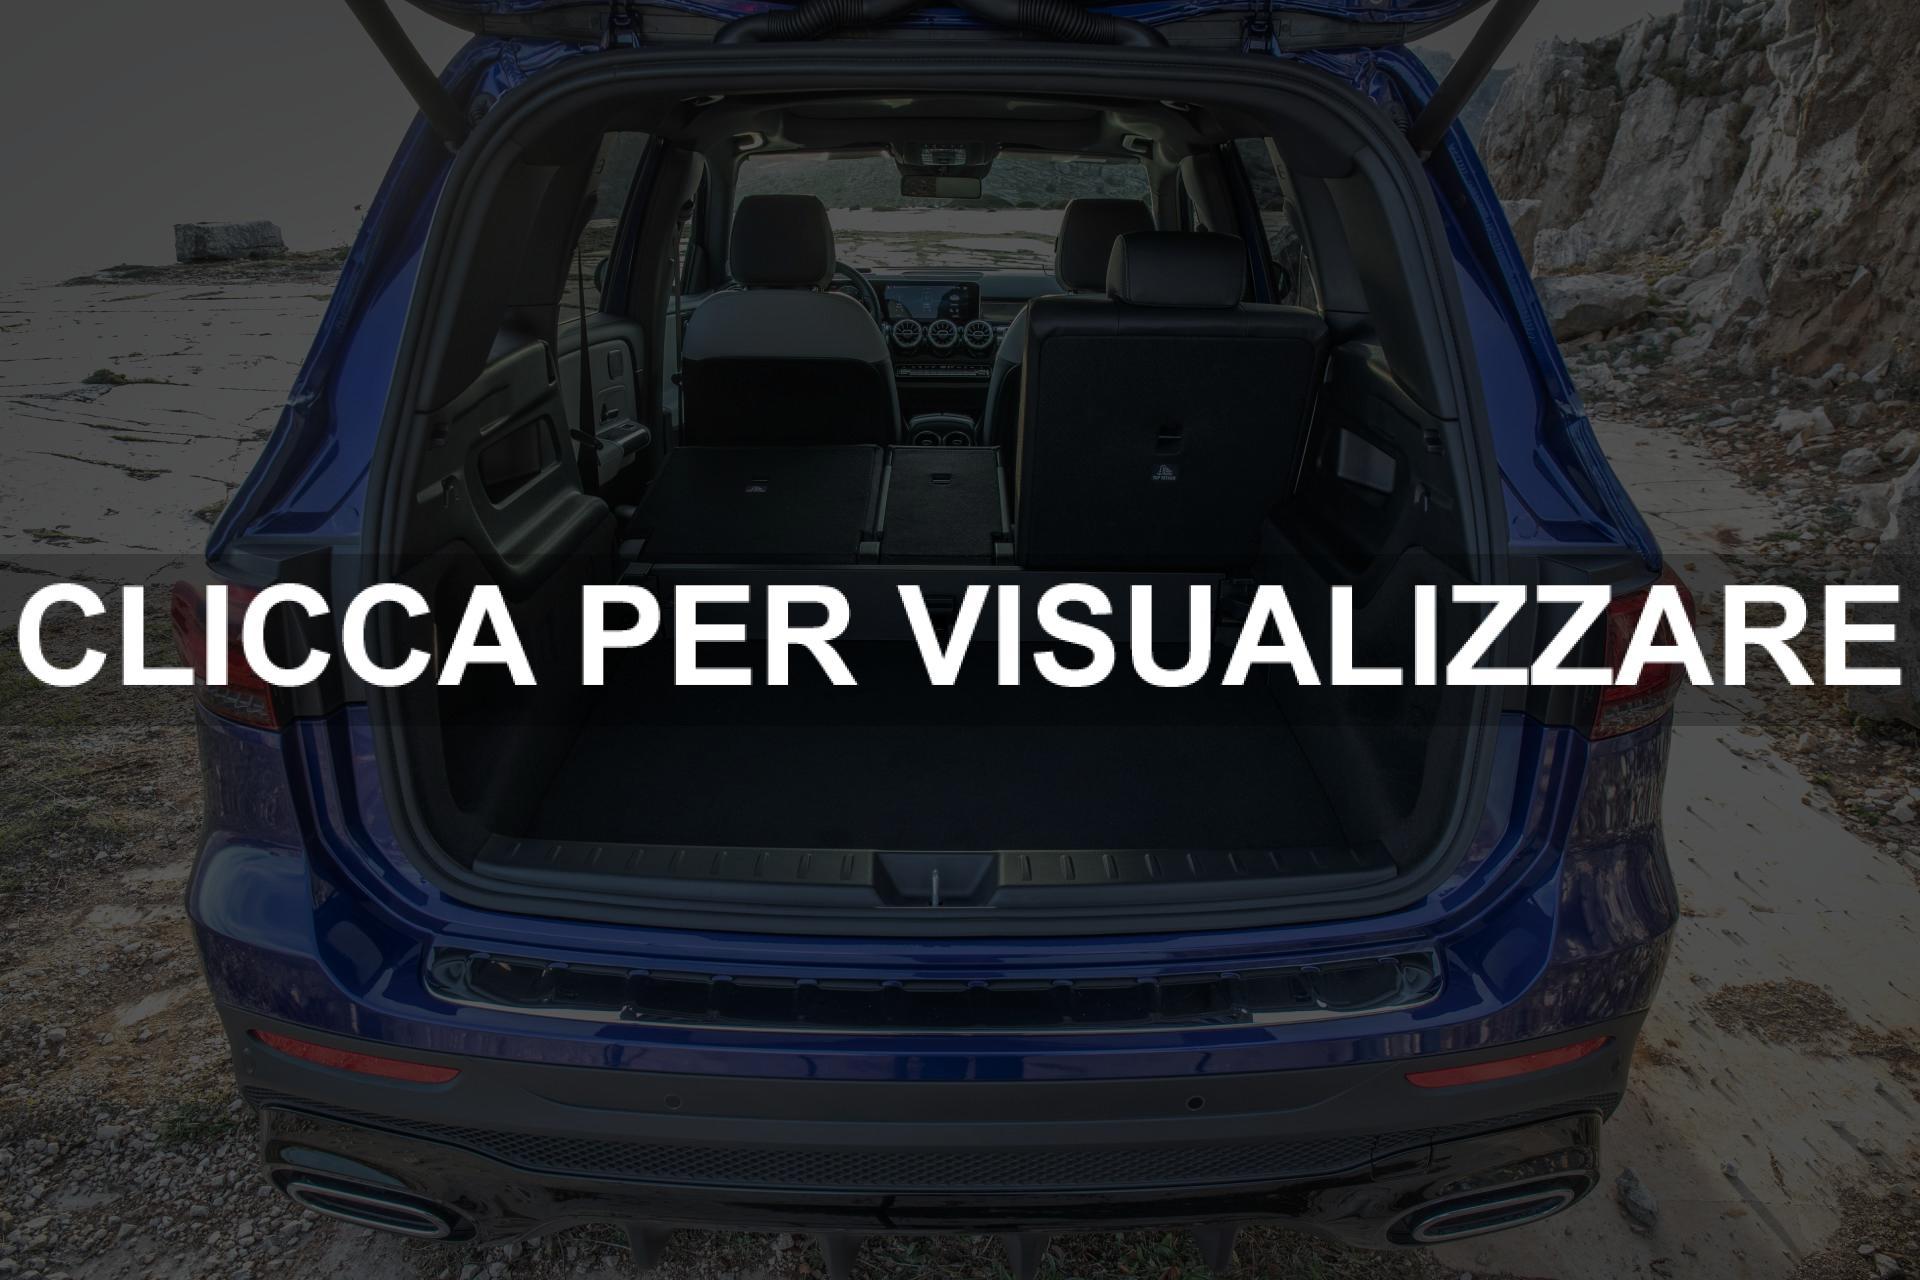 Capacita Bagagliaio nuovo Mercedes GLB 2020